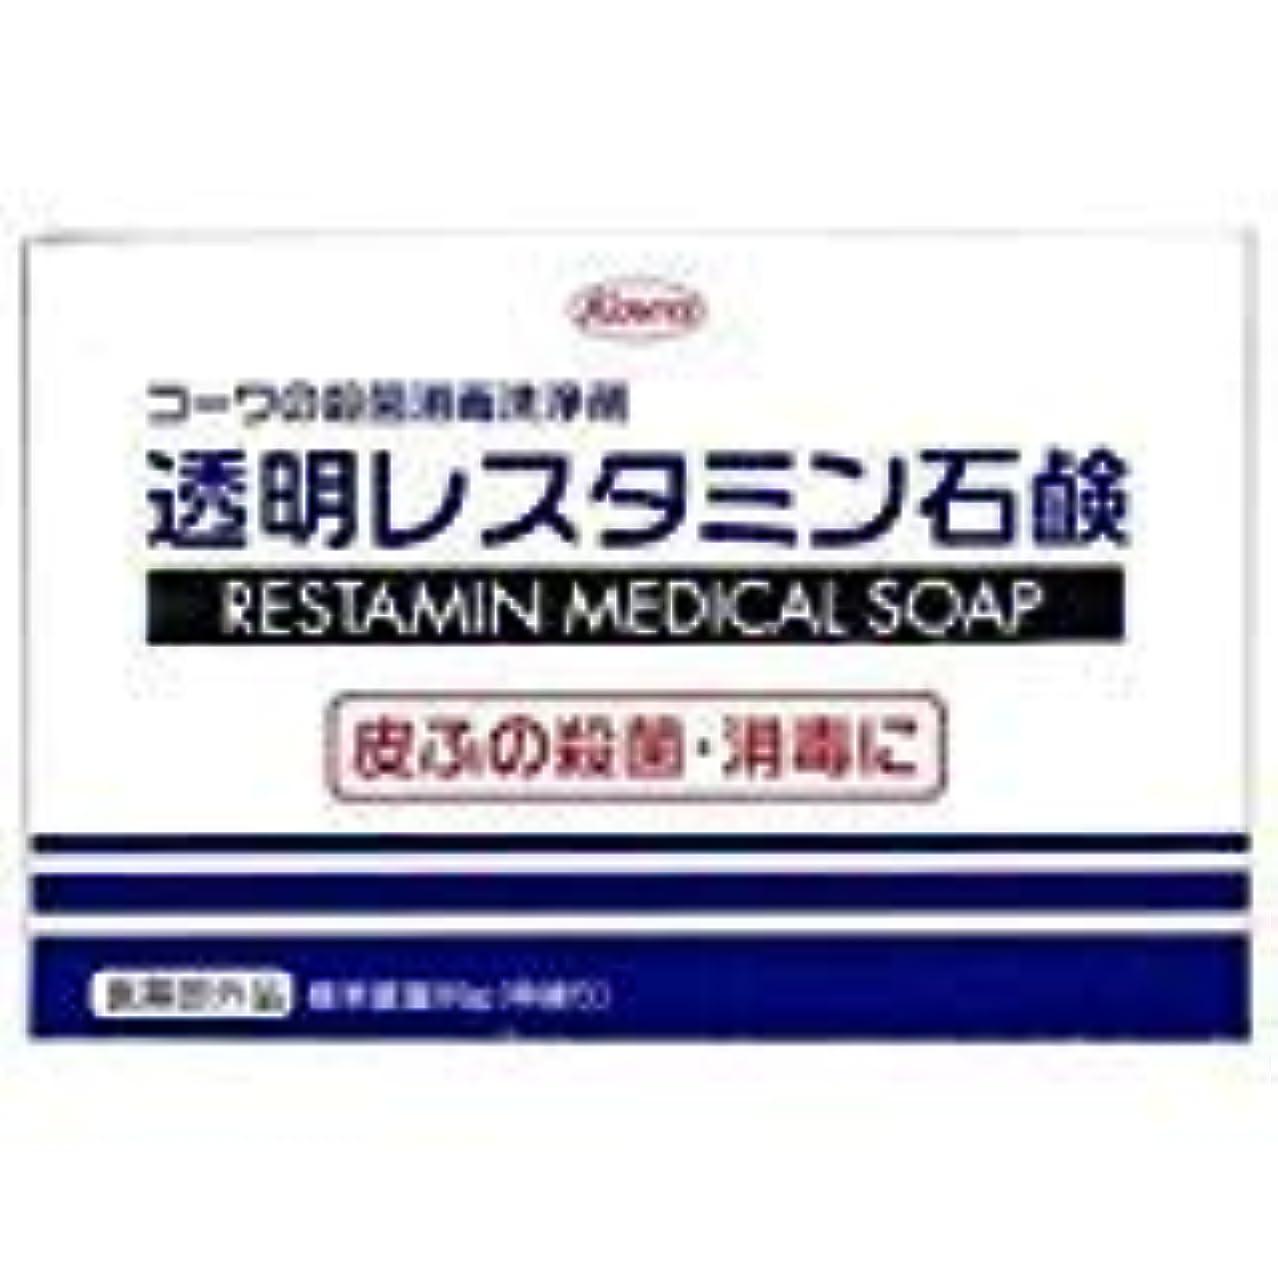 ファイル謎めいた法的【興和】コーワの殺菌消毒洗浄剤「透明レスタミン石鹸」80g(医薬部外品) ×20個セット